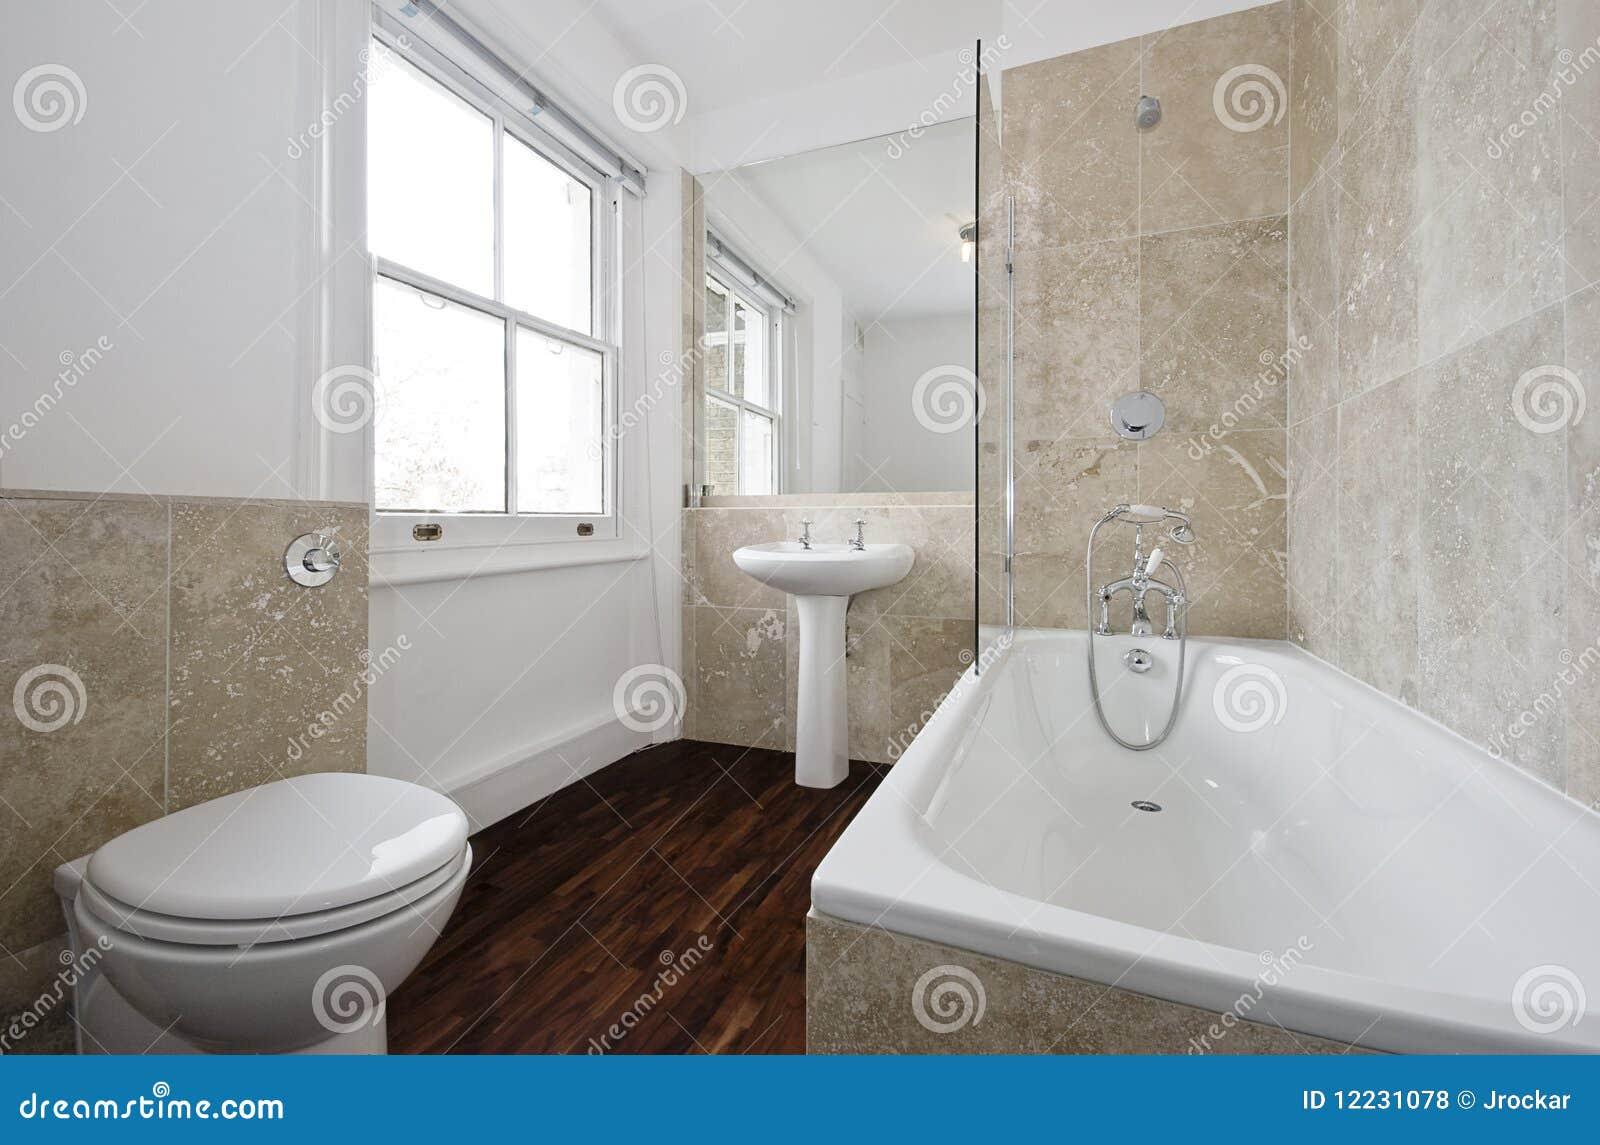 Luxury Marble Bathroom Stock Photo Image Of Posh Pool